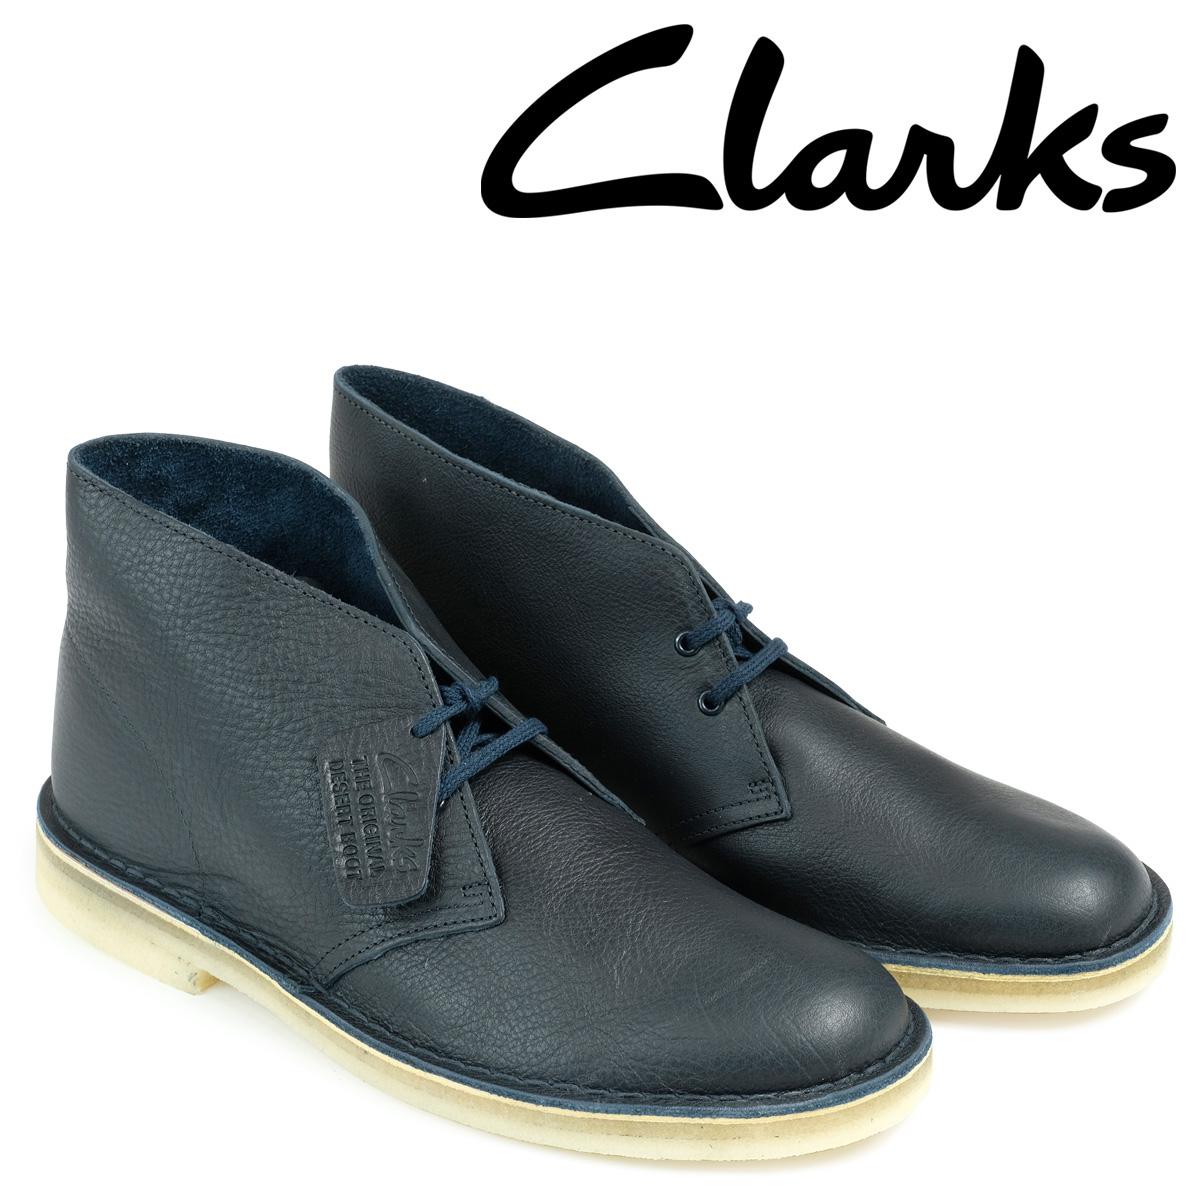 21717434b64 Kulaki Clarks desert boots men DESERT BOOT 26125548 leather navy